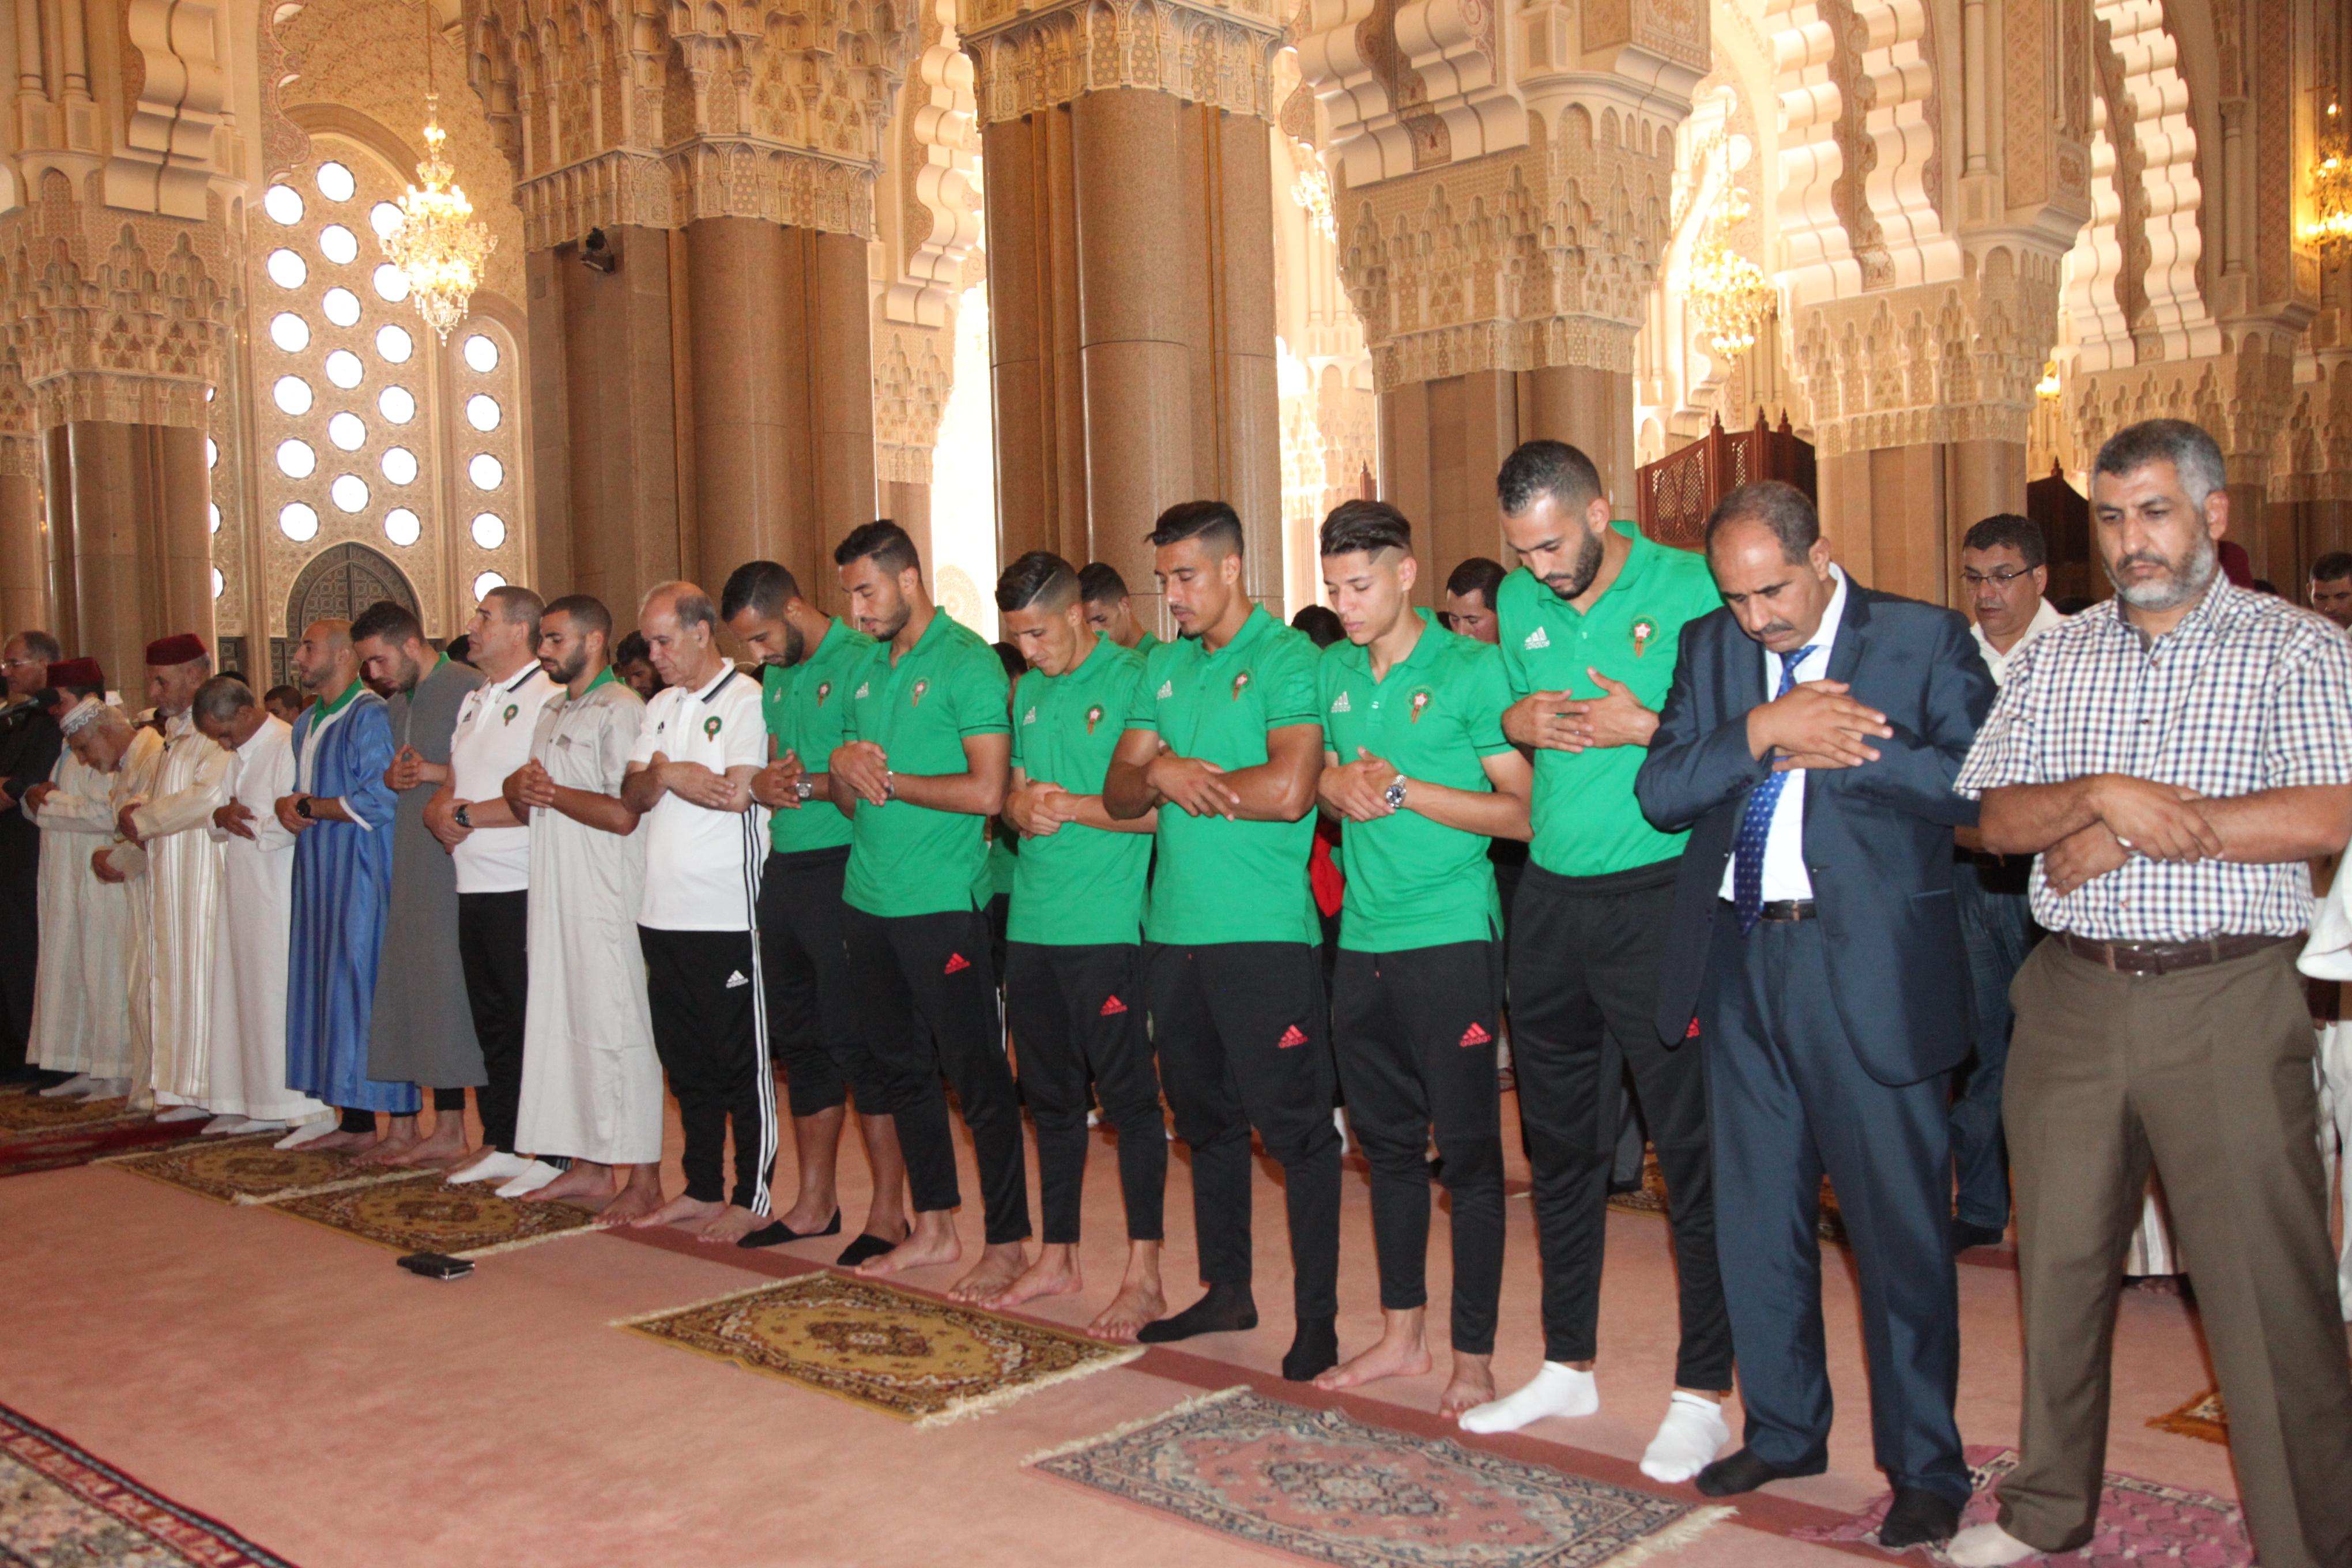 بالصور… لاعبو المنتخب الوطني يؤدون صلاة الجمعة بمسجد الحسن الثاني